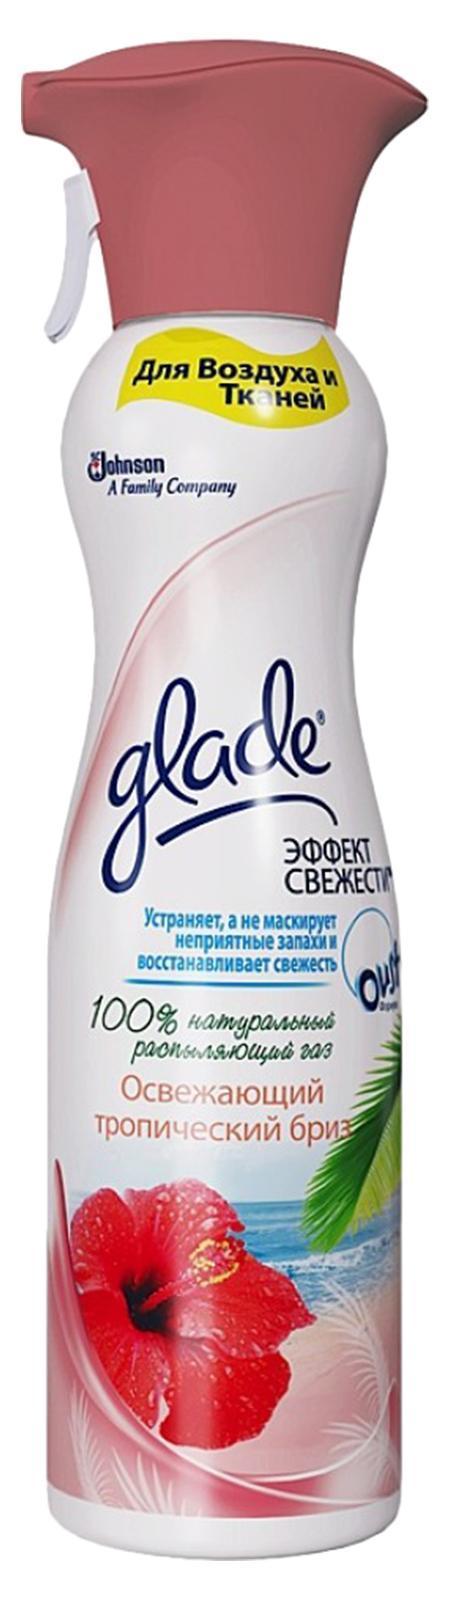 Освежитель воздуха Glade Тропический Бриз, эффект свежести для воздуха и тканей, 275 мл658786Содержит 100% натуральный распыляющий газ. Устраняет,а не маскирует неприятный запахи и восстанавливает свежесть. Имеет большую линейку восхитительный ароматов. Имеет премиальный внешний вид и может быть использован в любом жилом помещении. Подходит для воздуха и тканей.